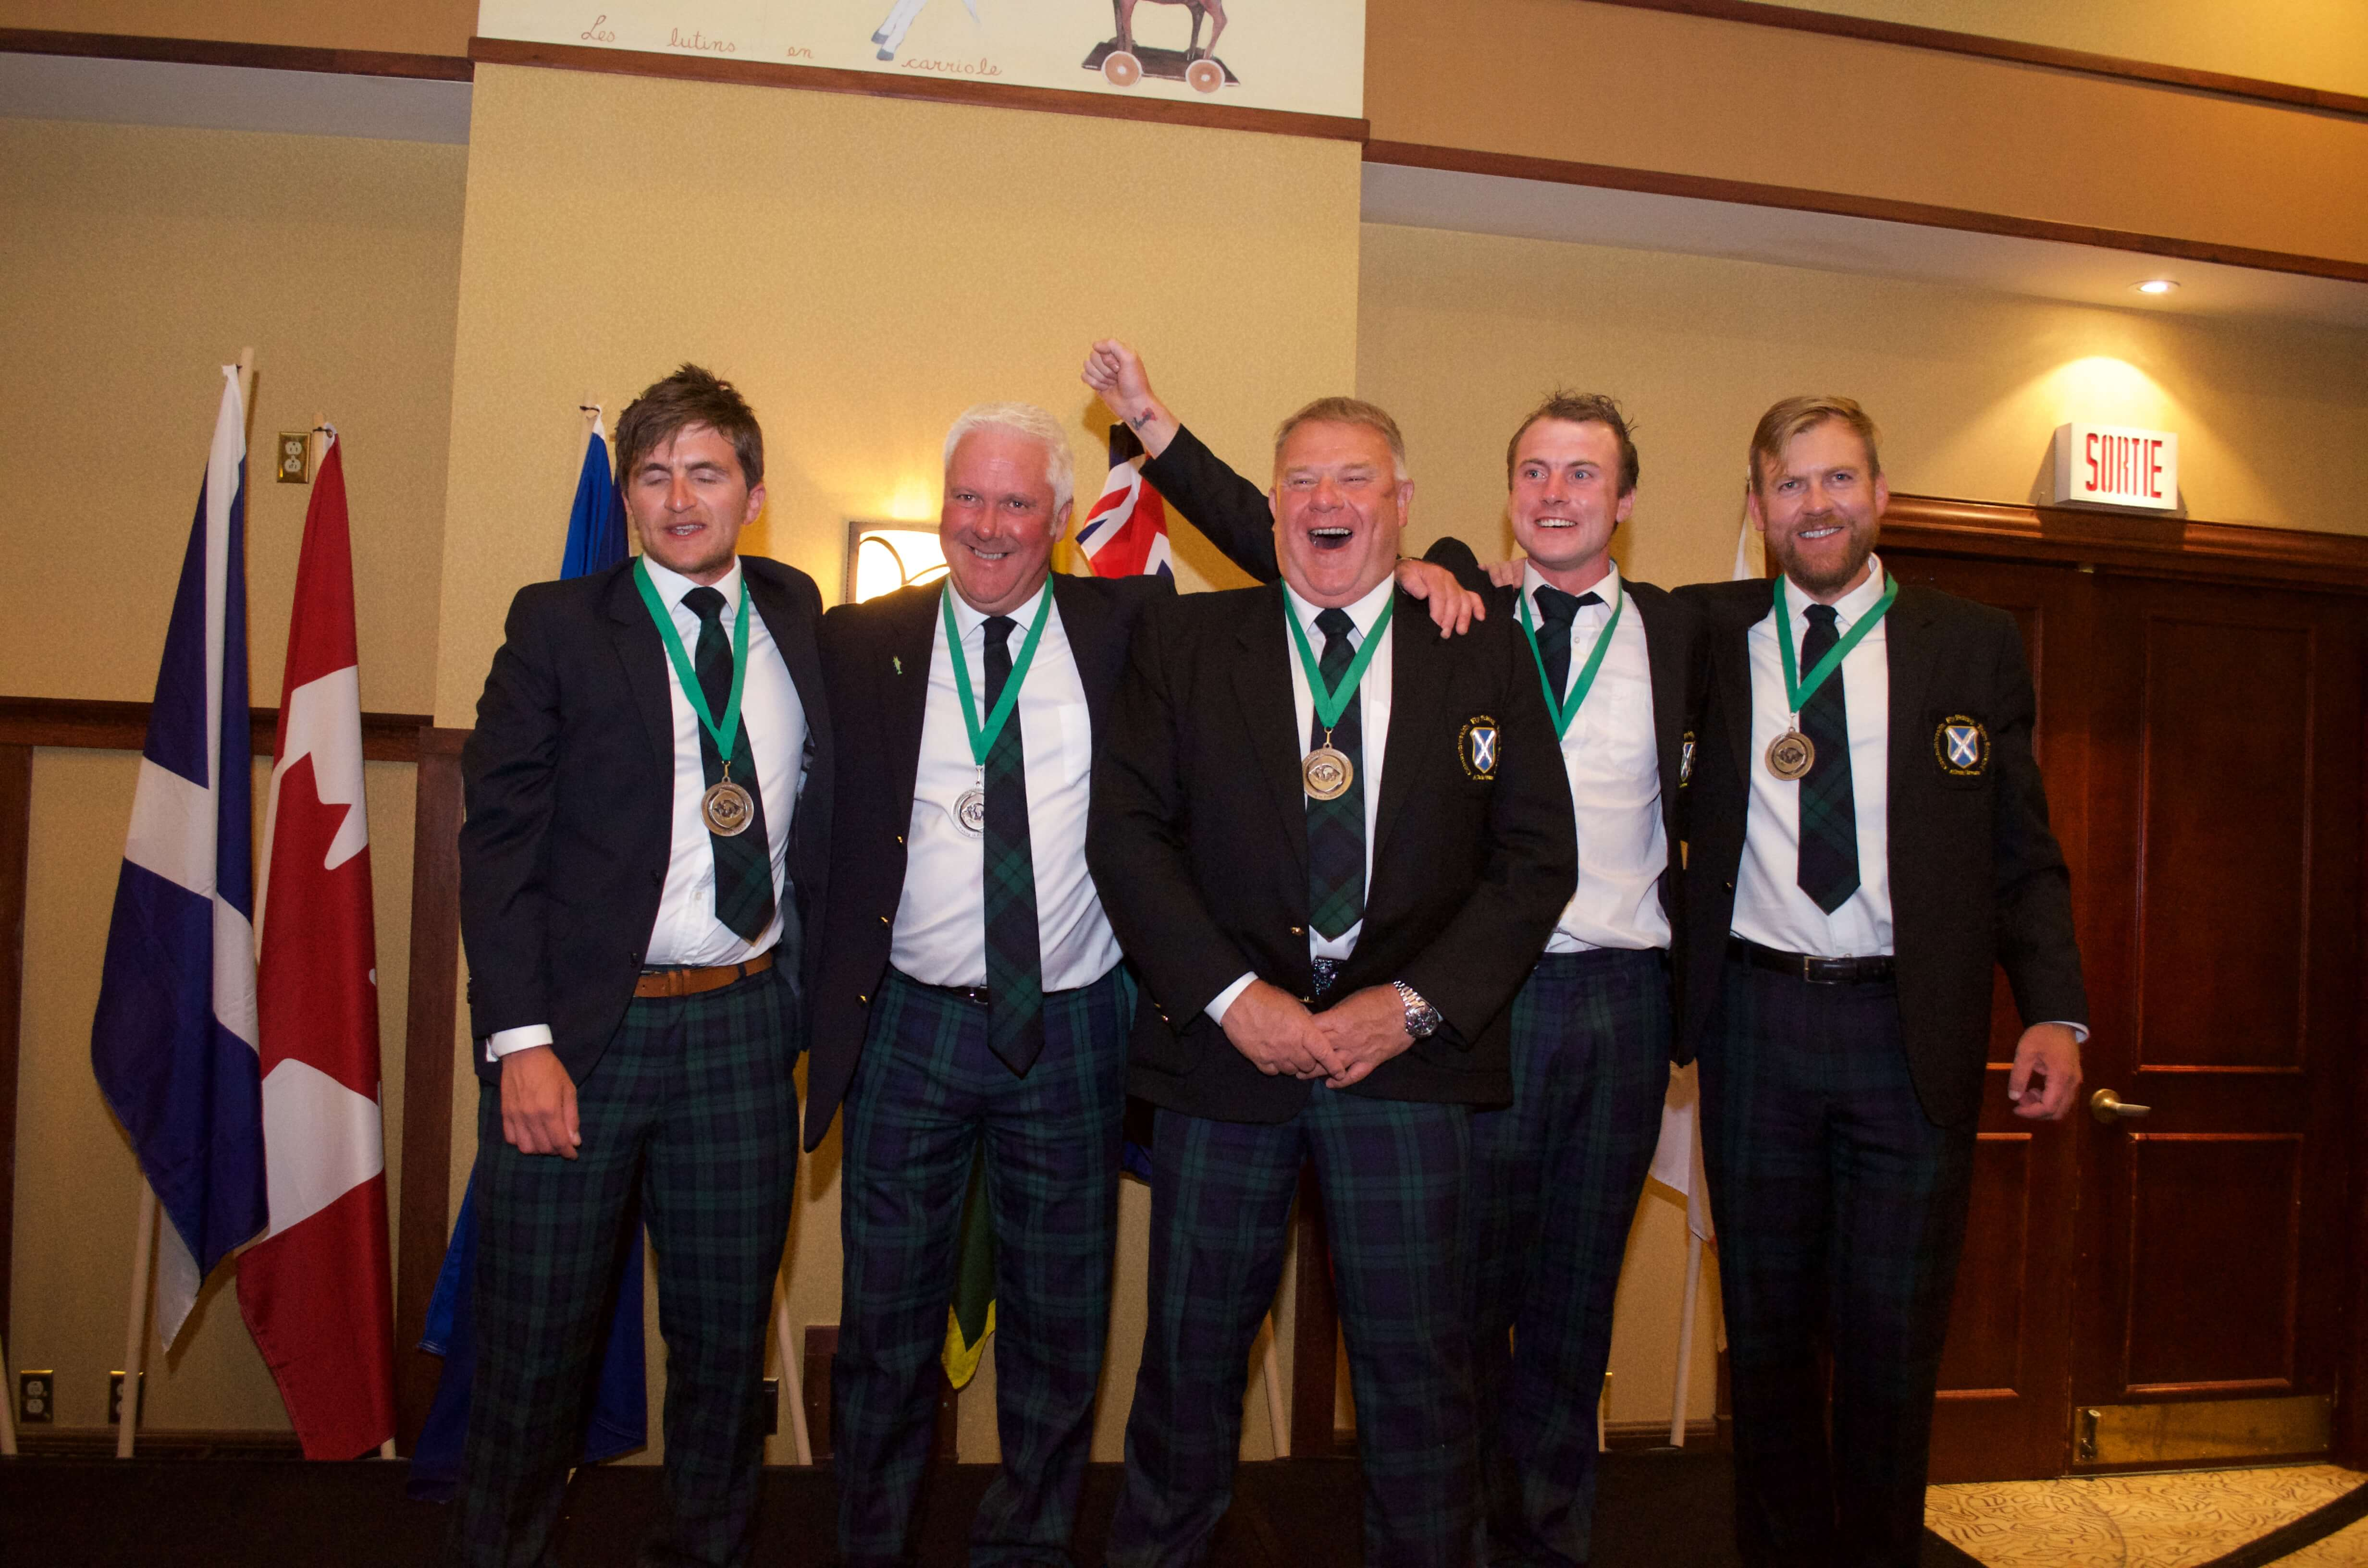 team-silver-scotland-men